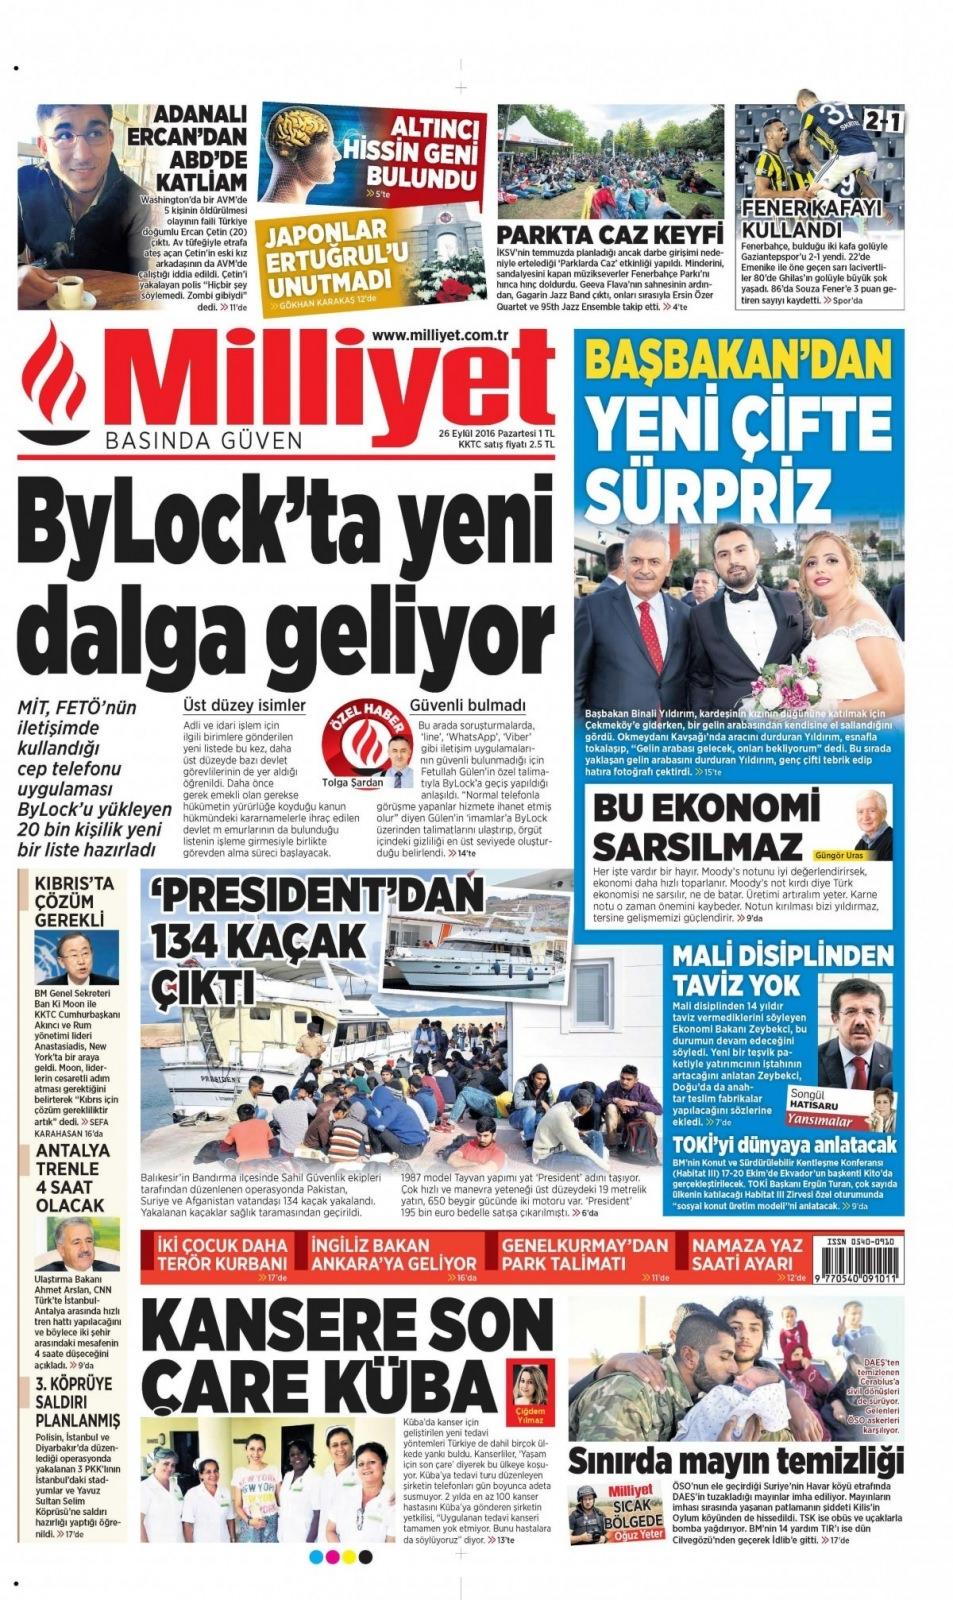 26 Eylül Pazartesi gazete manşetleri 4